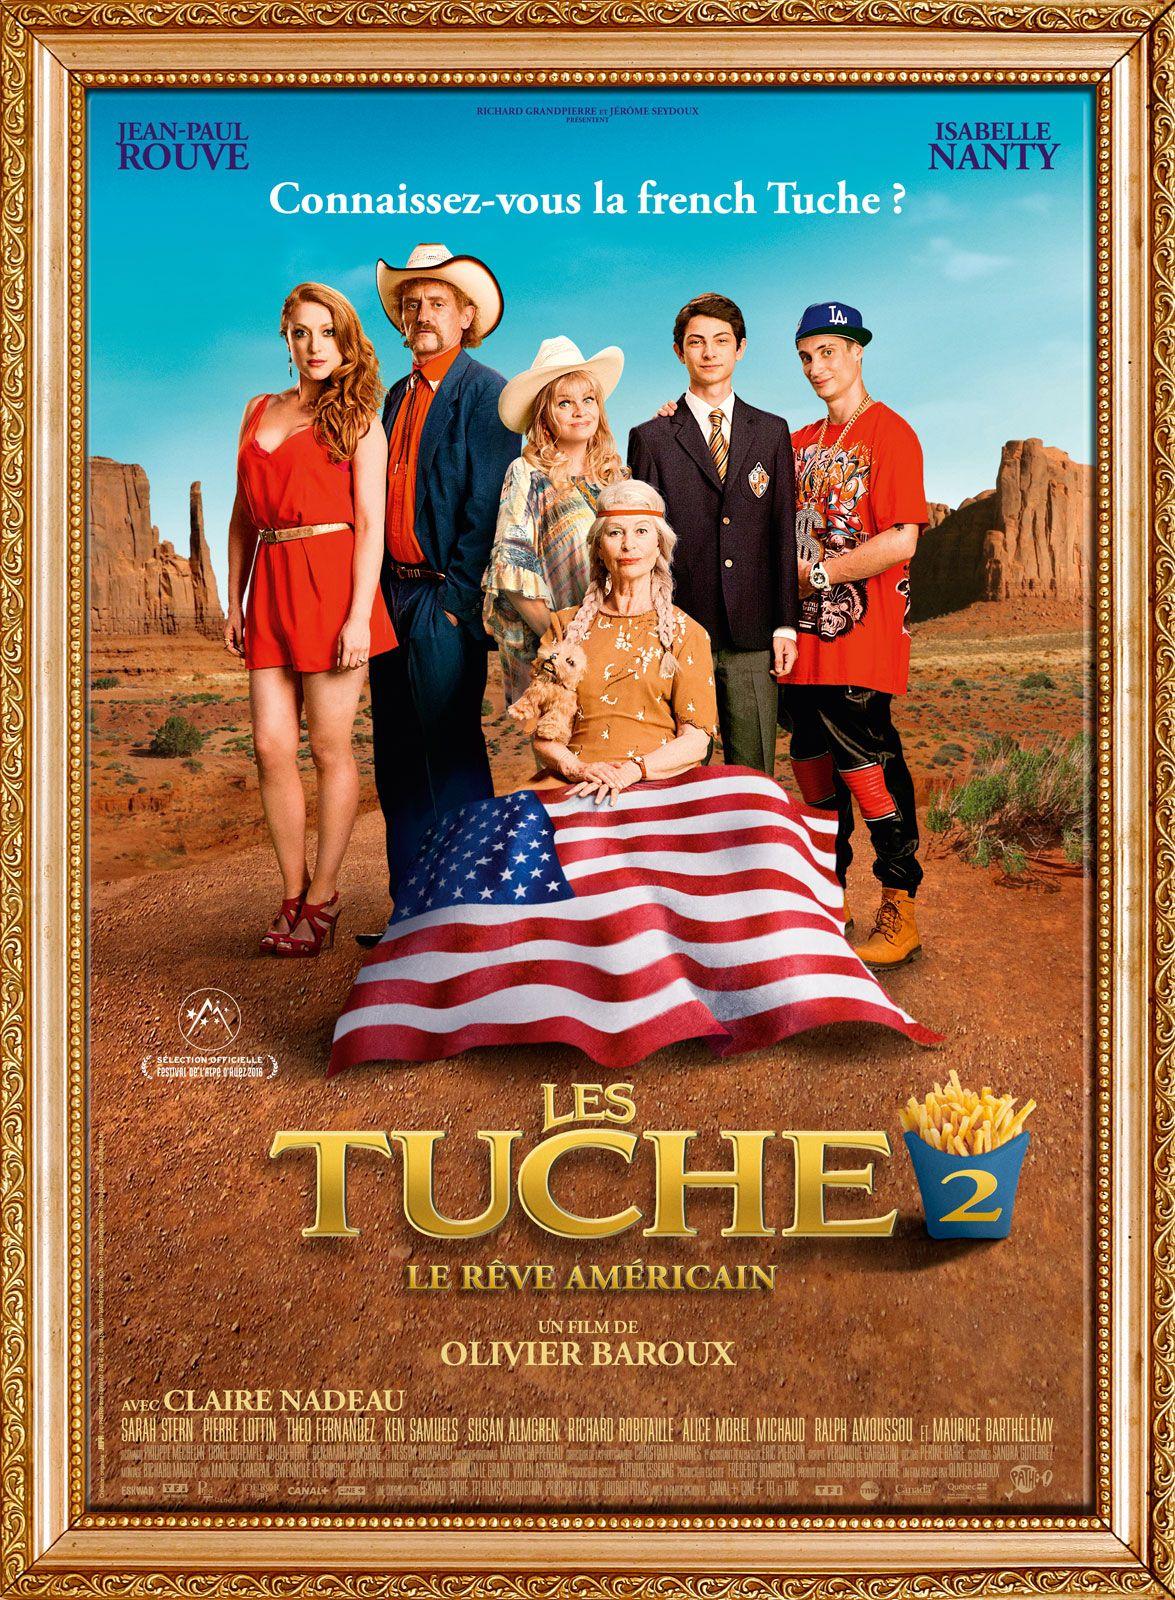 Les Tuche 2 Le Reve Americain Les Tuches Films Complets Film